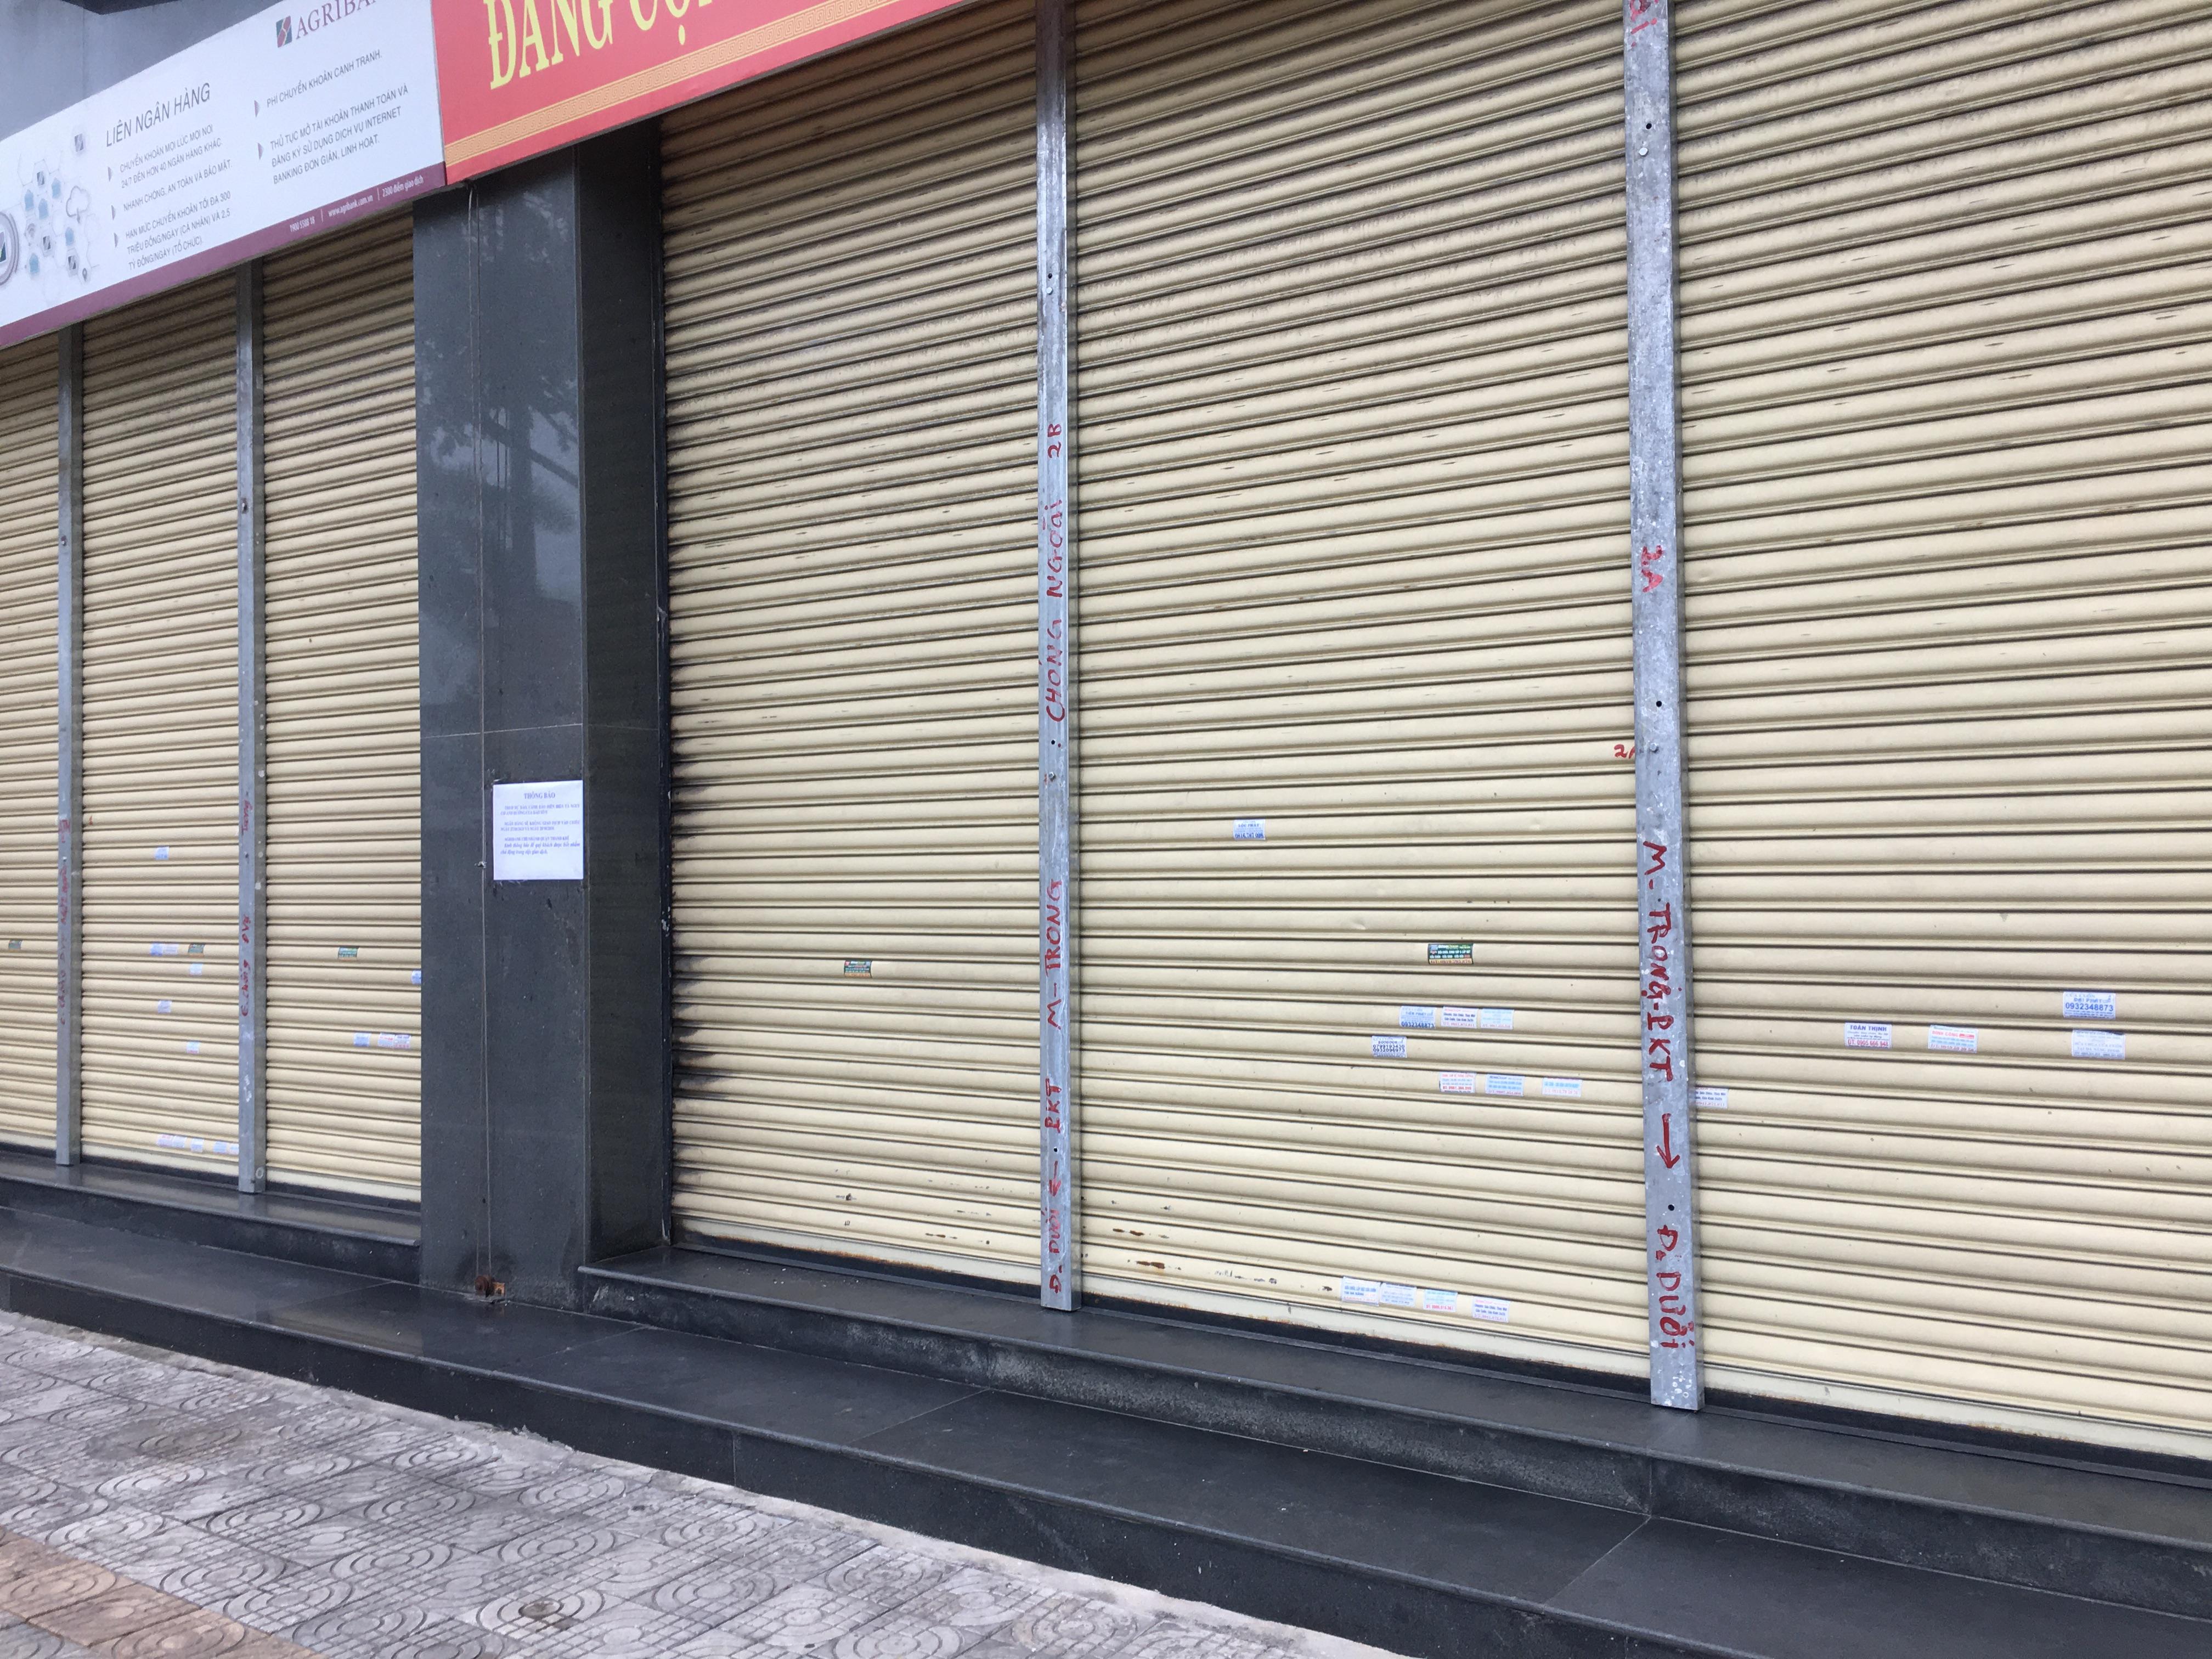 Bão số 9: Trụ ATM, ngân hàng ở Đà Nẵng tạm ngừng giao dịch, hàng loạt cửa hàng chèn chống trụ sở bằng hàng chục thanh sắt, gỗ loại lớn - Ảnh 6.